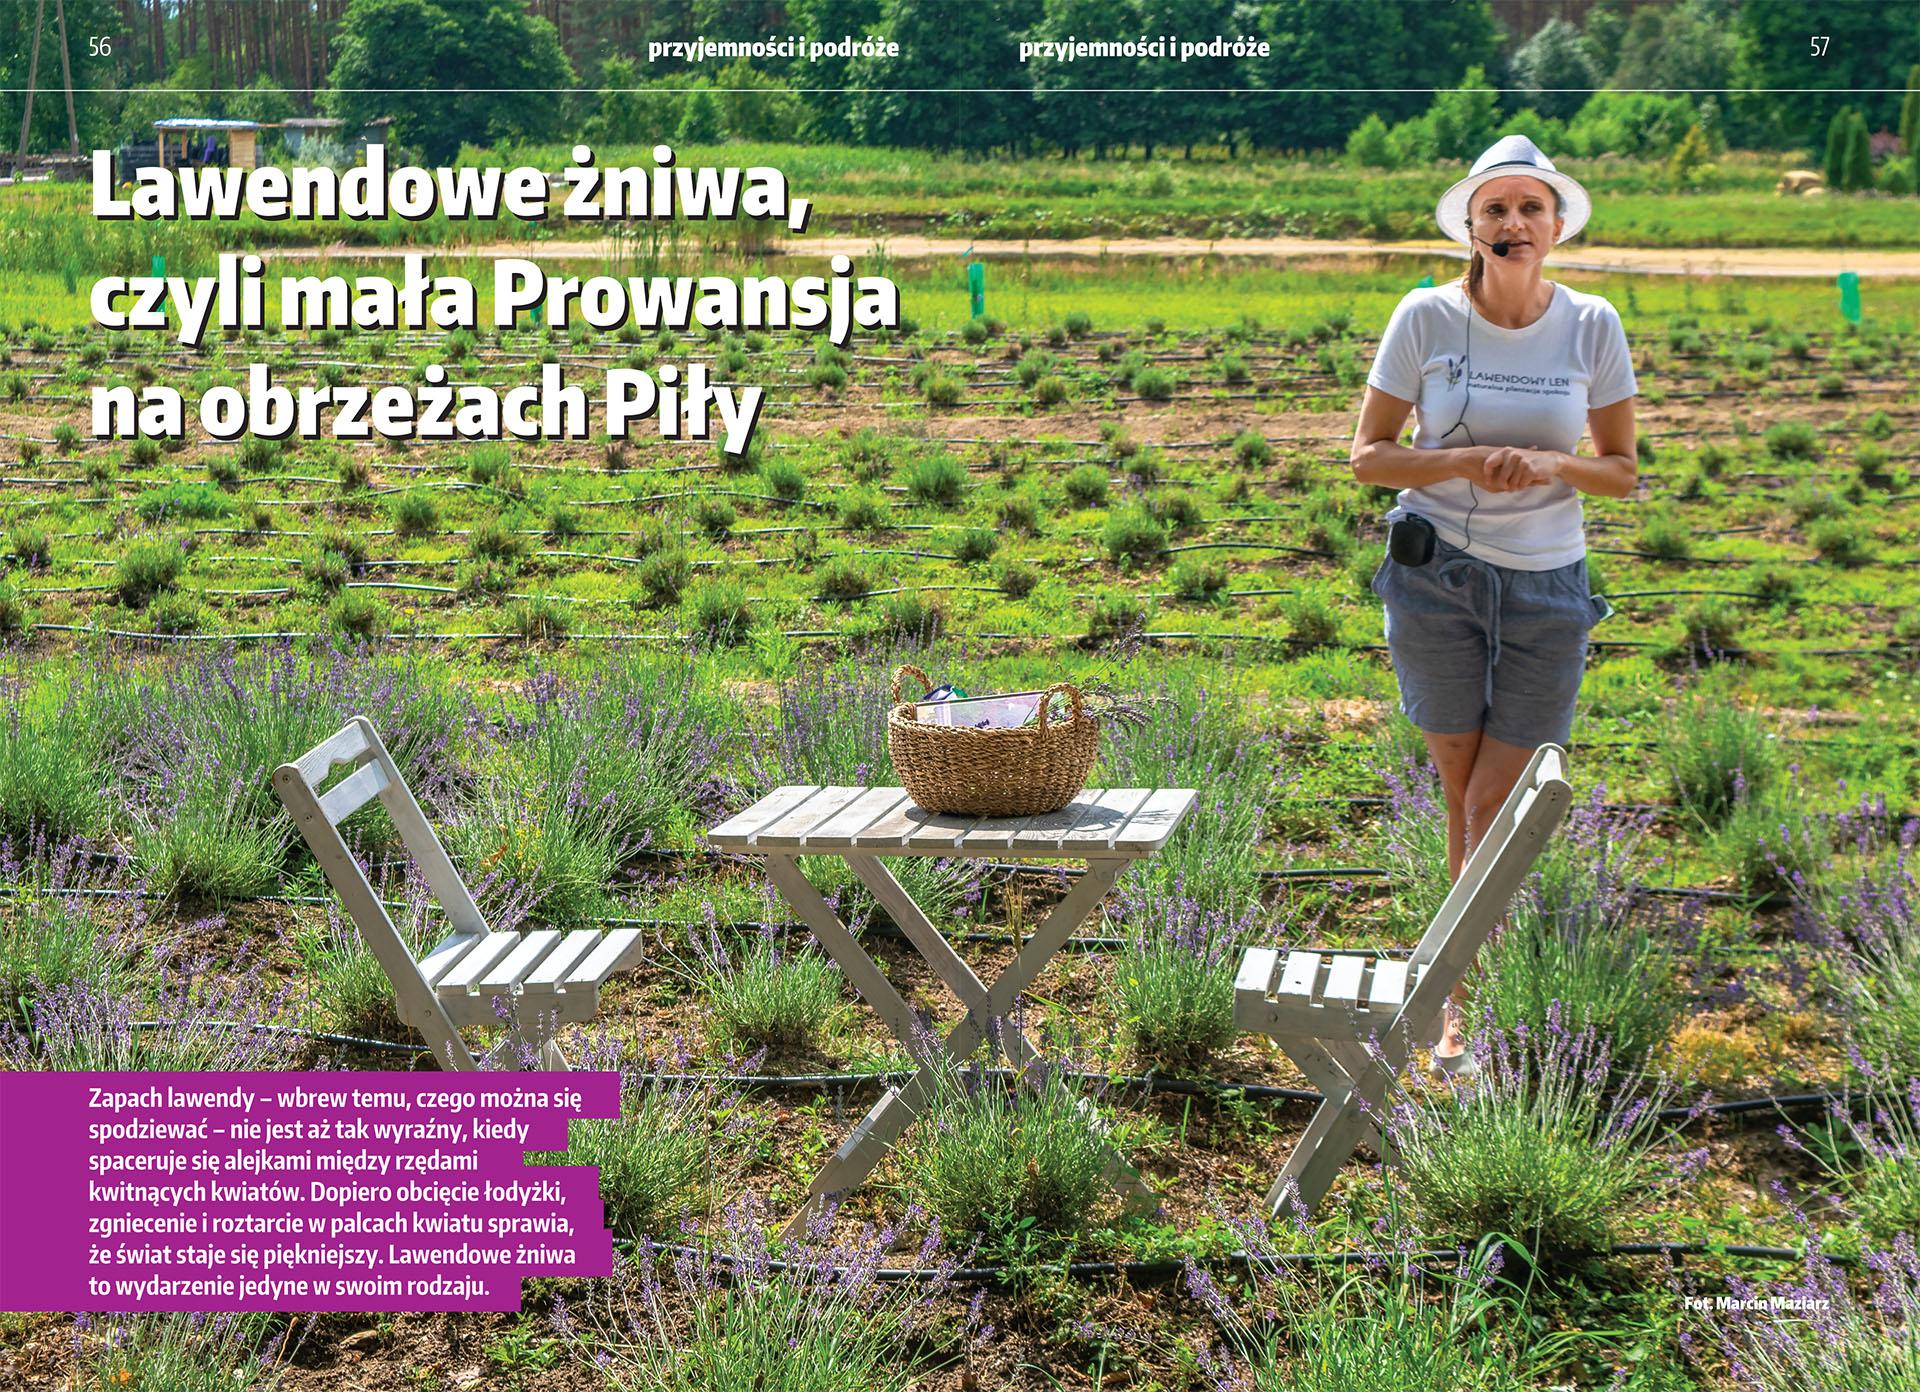 Lawendowe żniwa. Mała Prowansja na przedmieściu Piły.